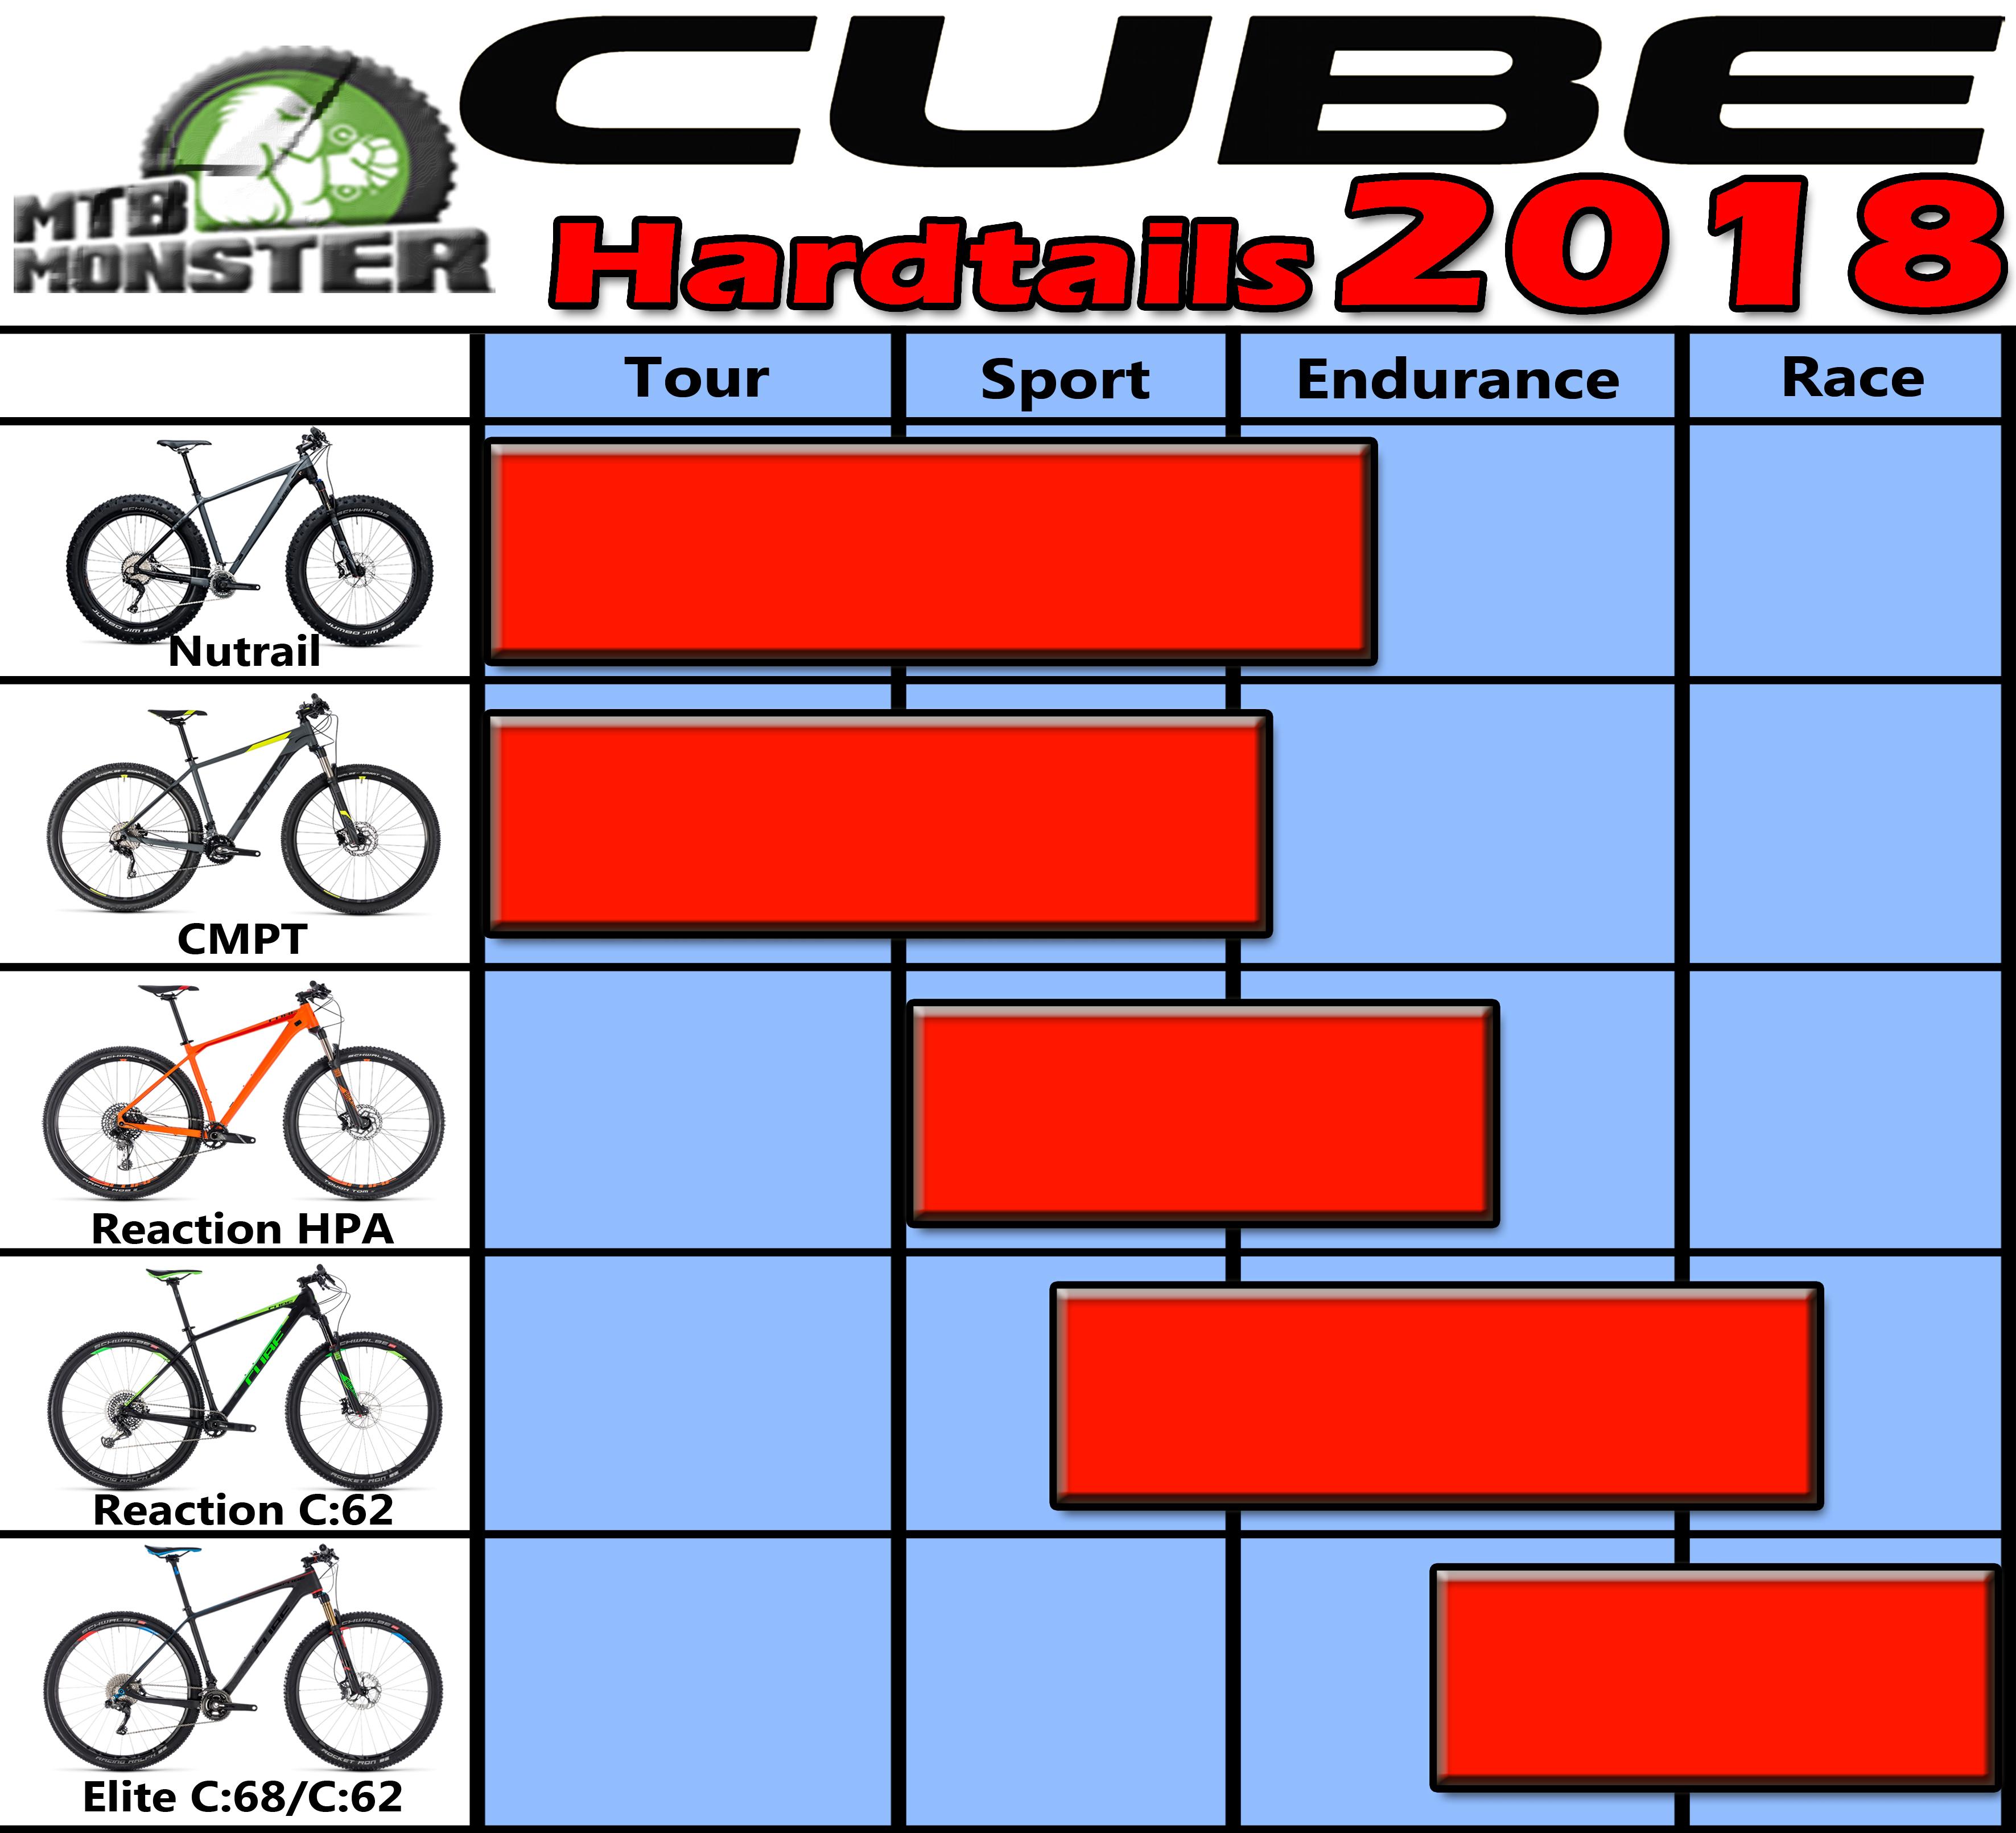 2018-cube-hardtails-bikes-range-and-information-and-guide-uk-dealer-mtb-monster-hardtails.jpg